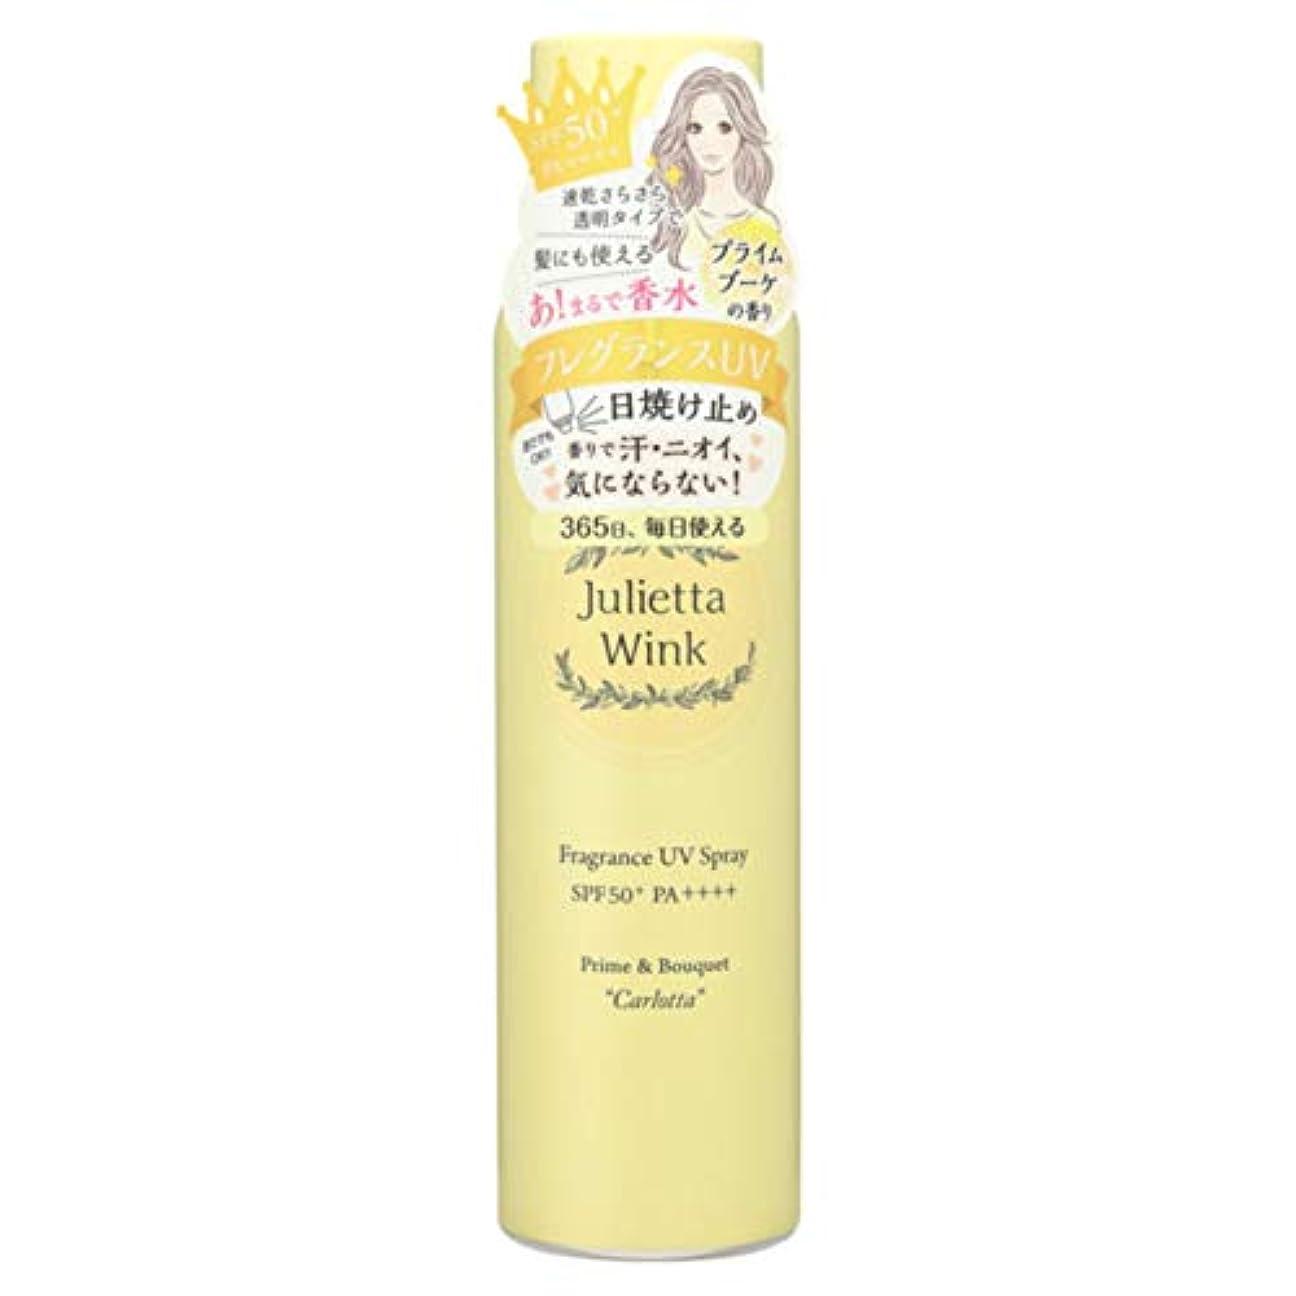 つかまえる試験見えるジュリエッタウィンク フレグランス UVスプレー[カルロッタ]100g プライムブーケの香り(黄)